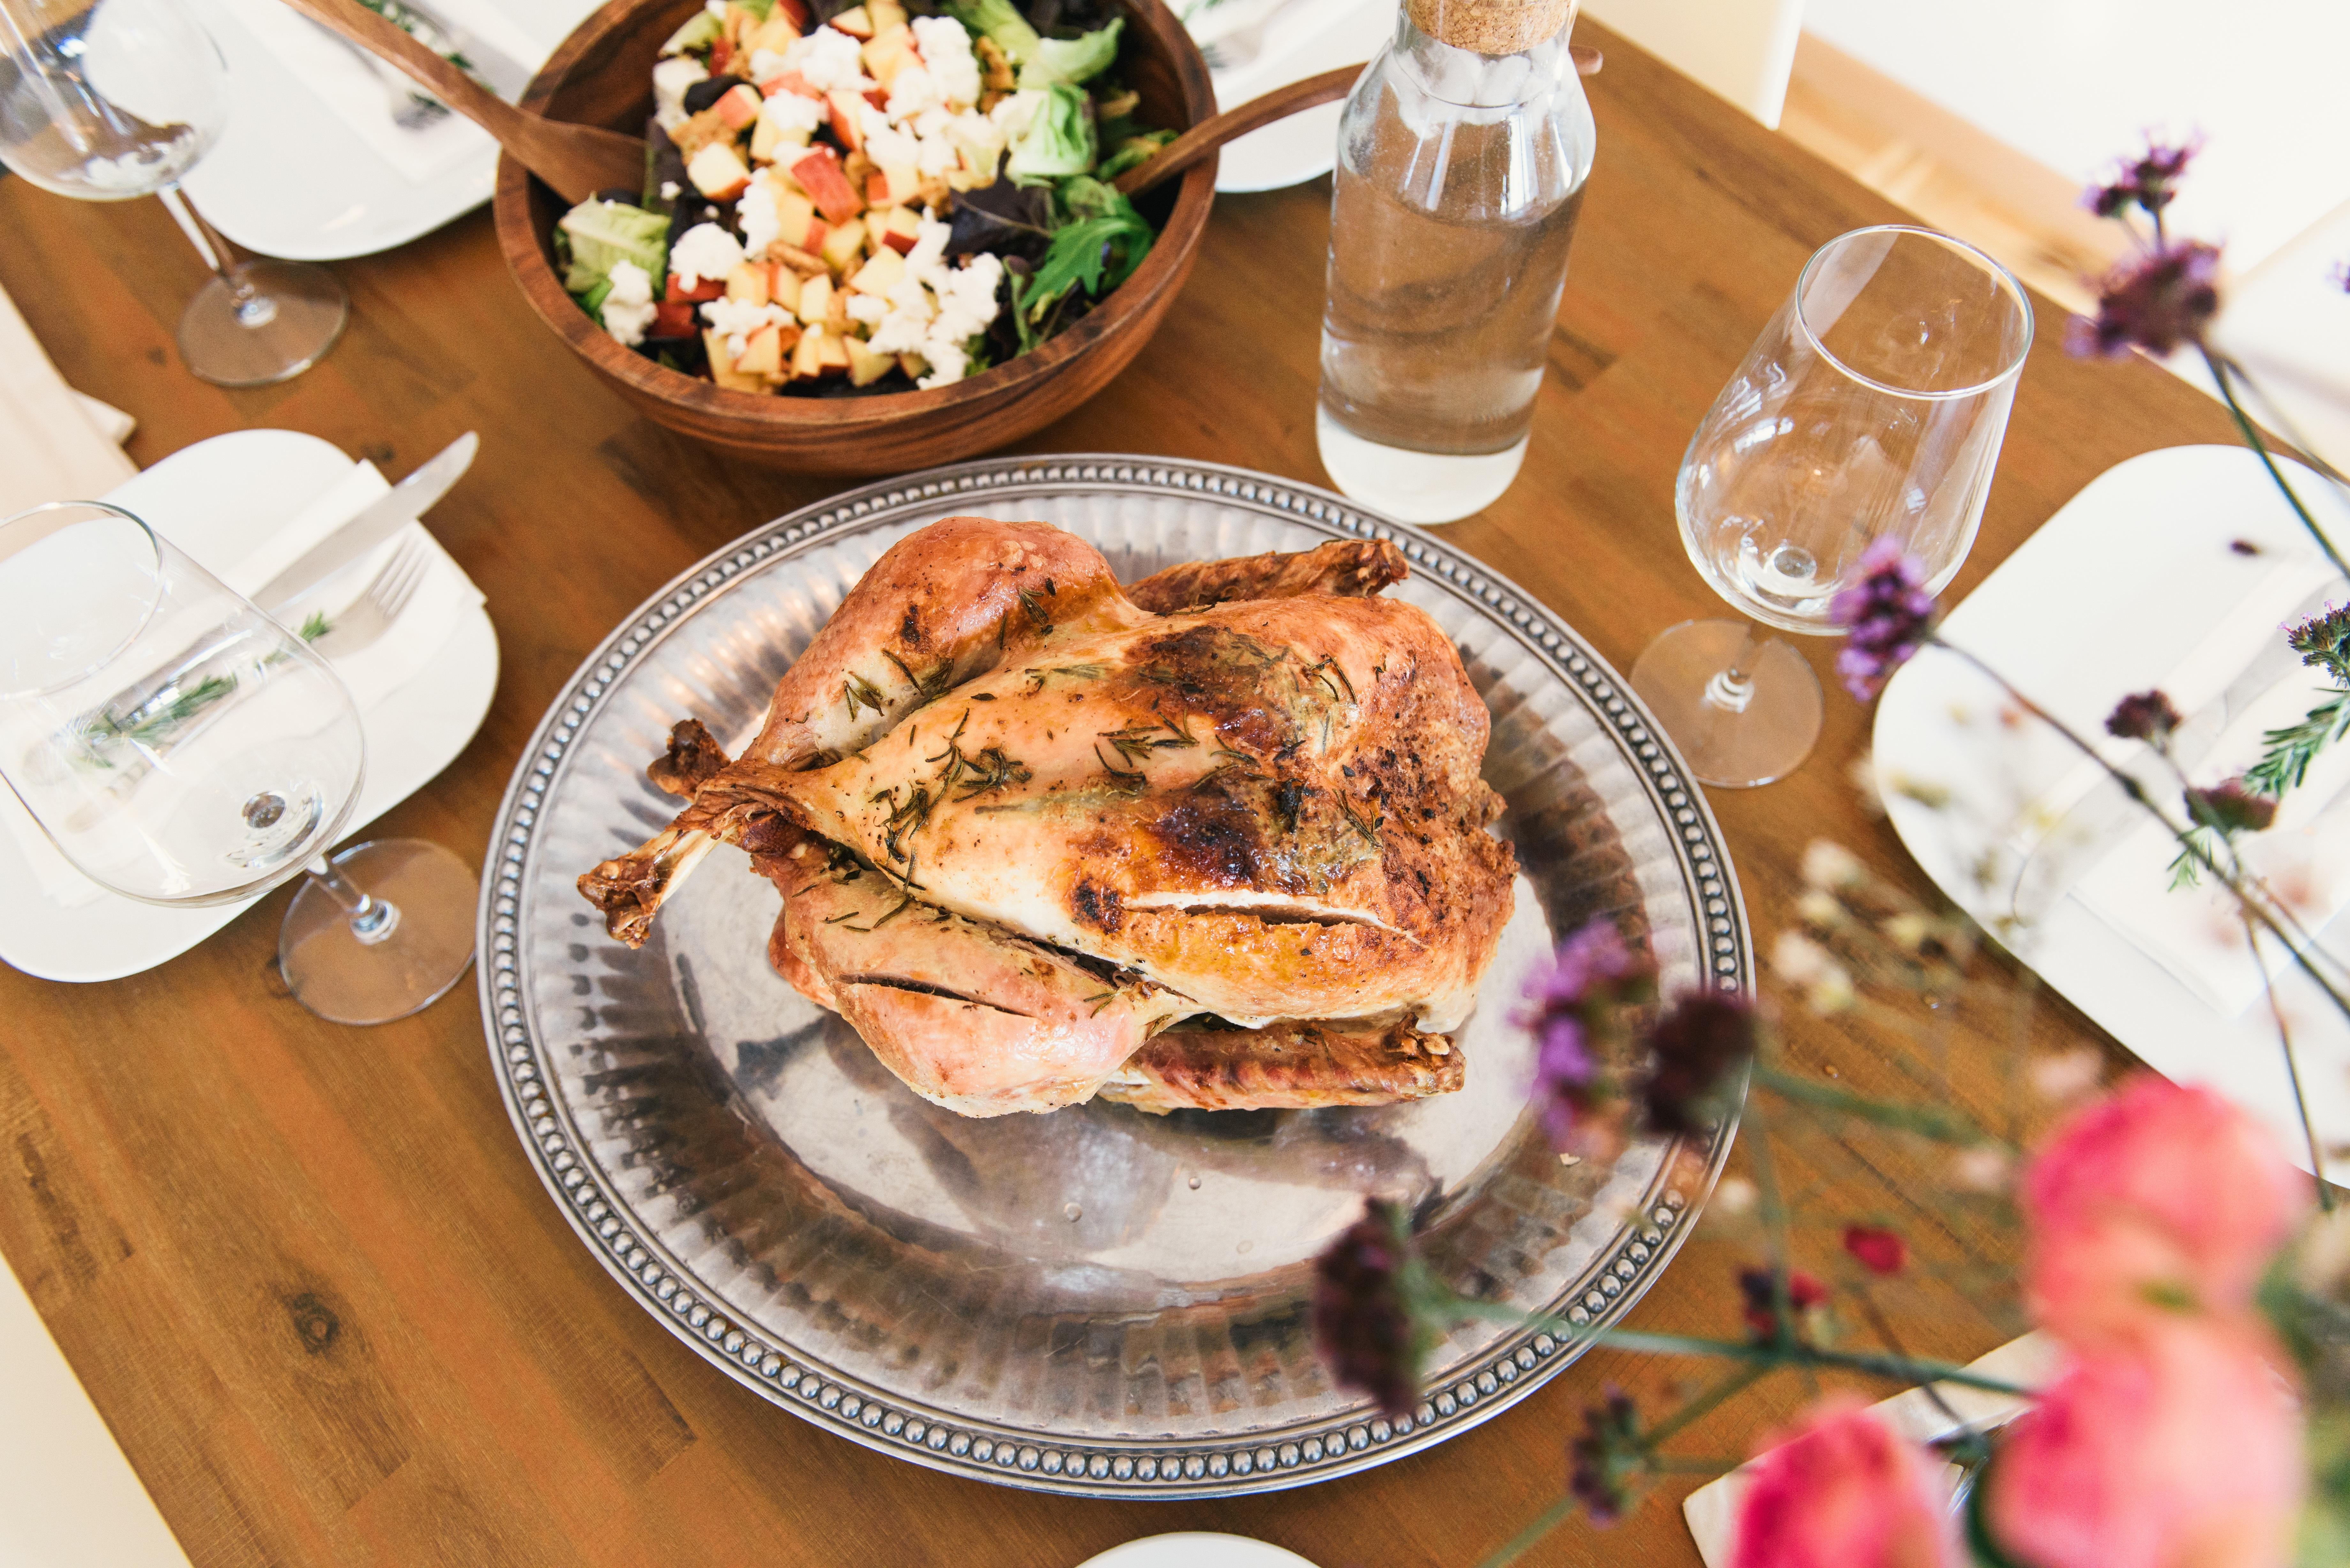 Kostenlose foto : Tabelle, Glas, Restaurant, Gericht, Mahlzeit ...